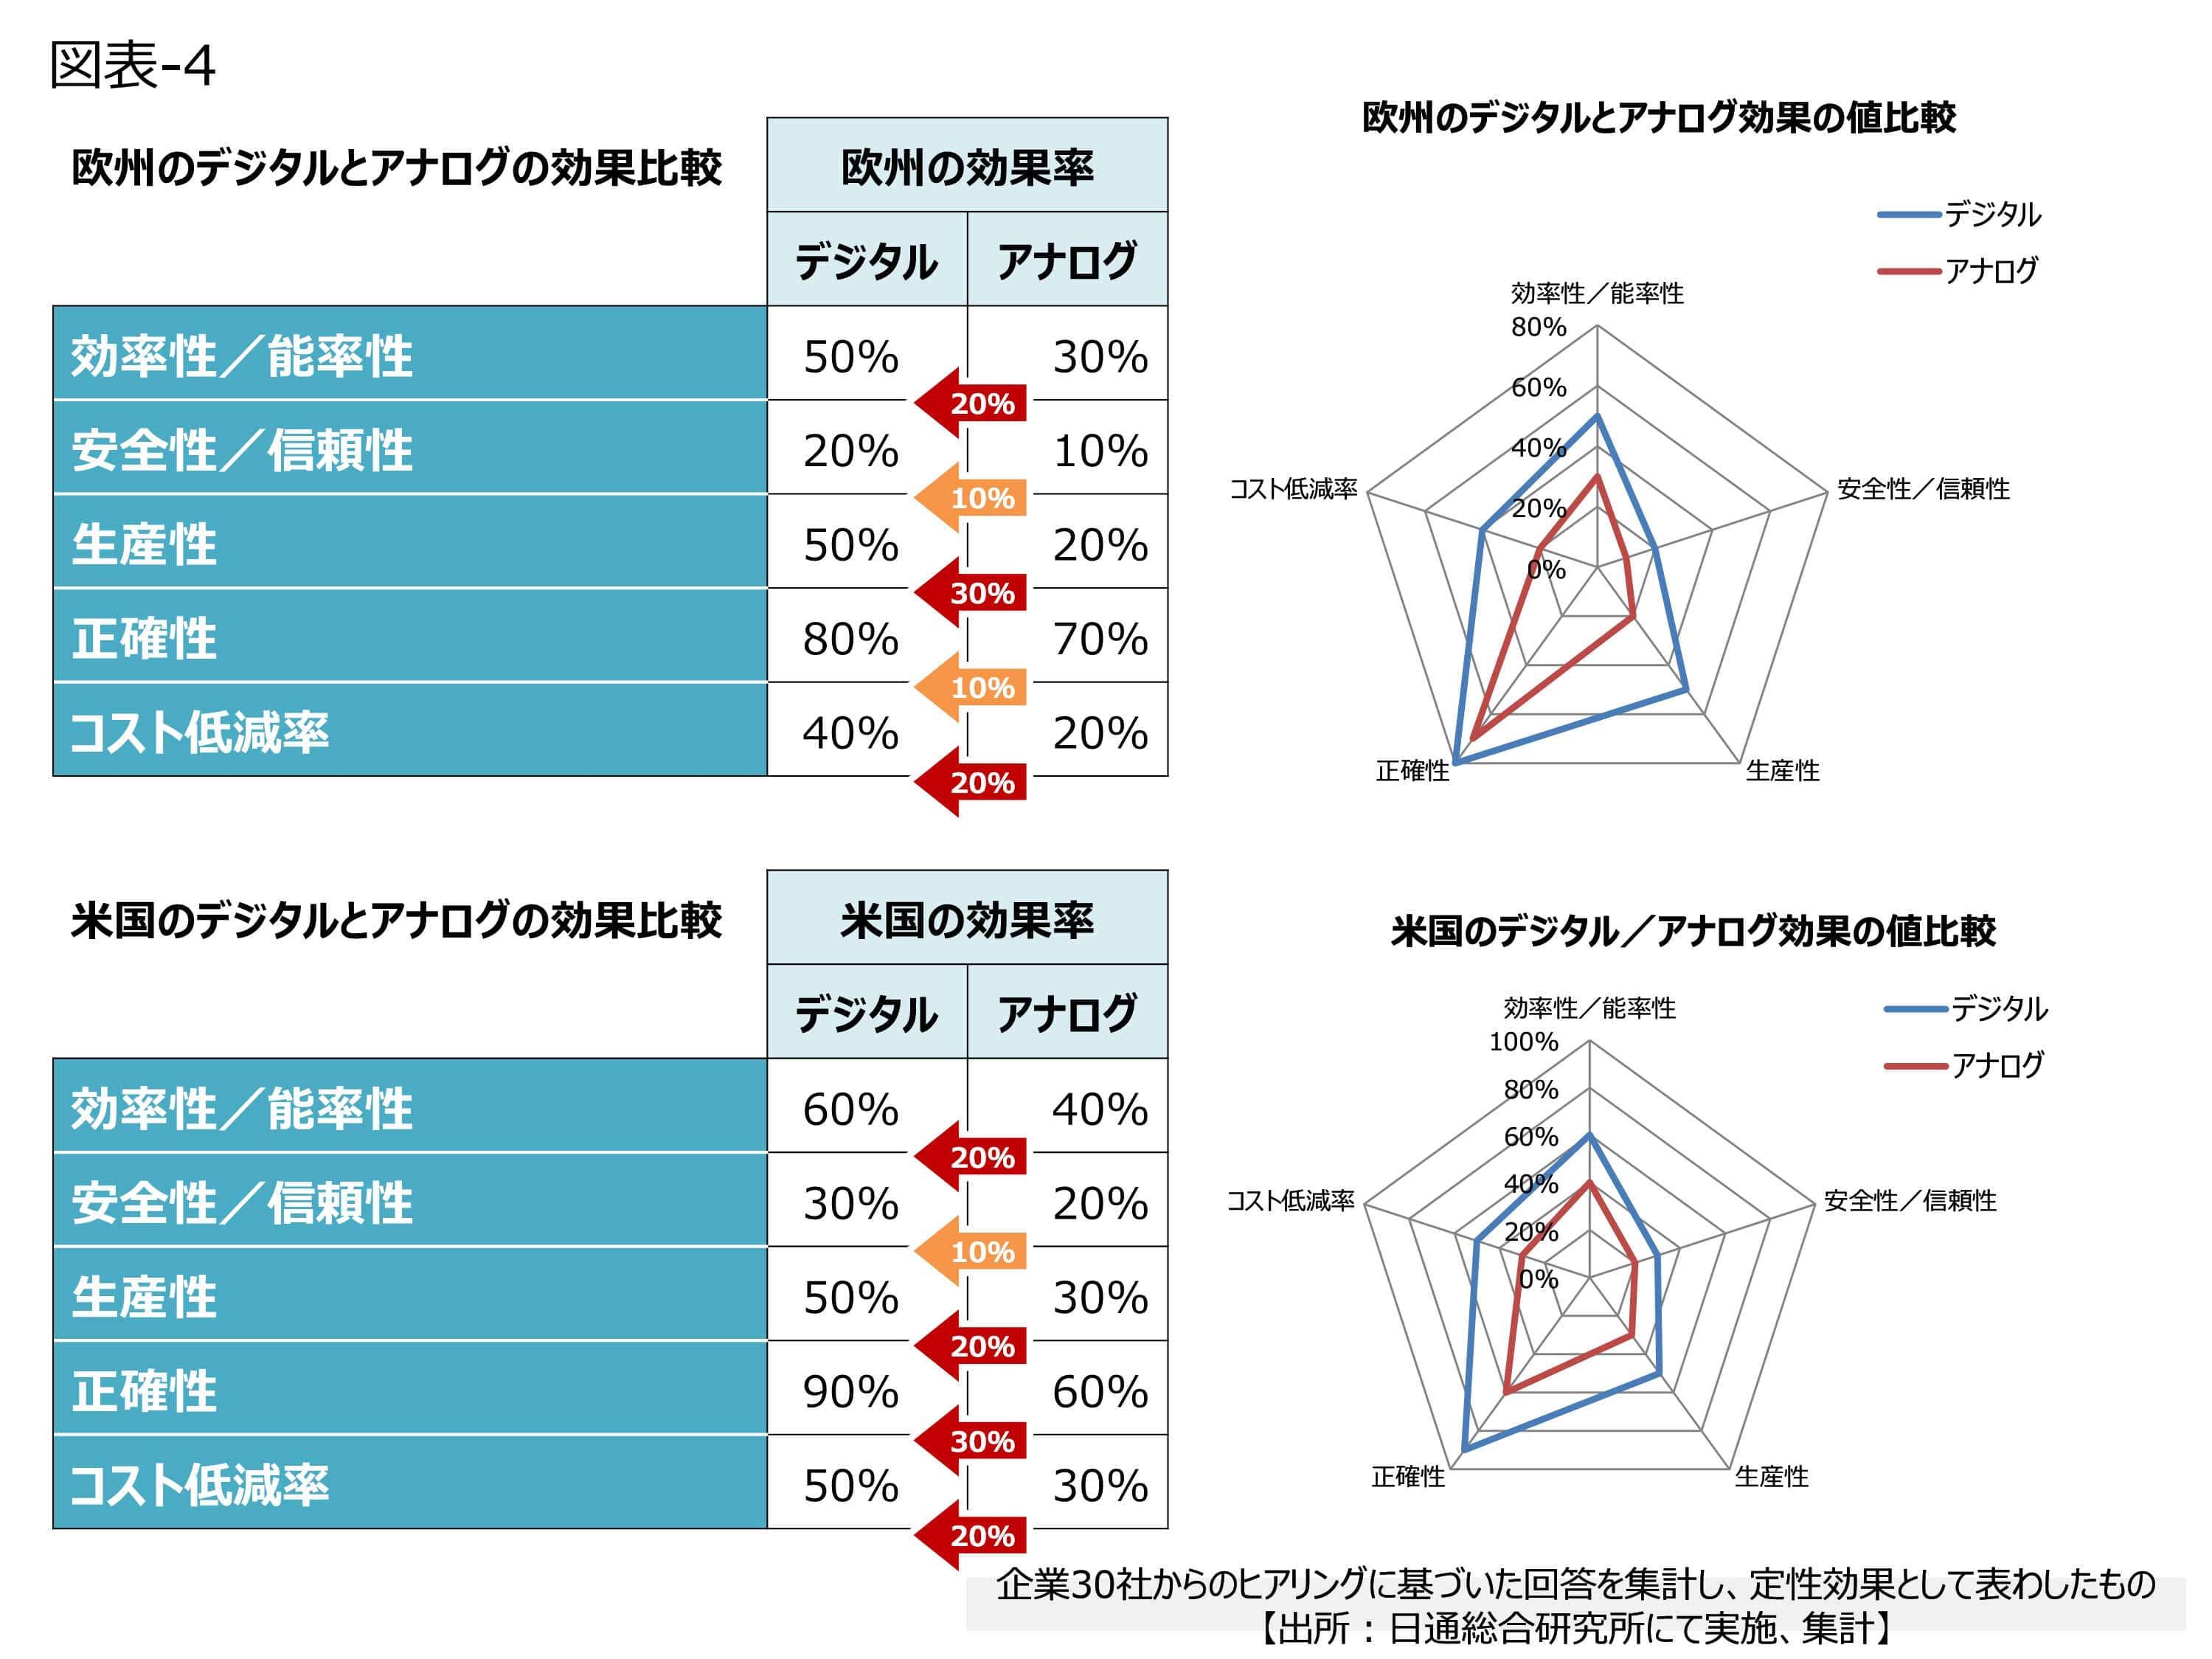 【図表4】デジタルとアナログの効果比較